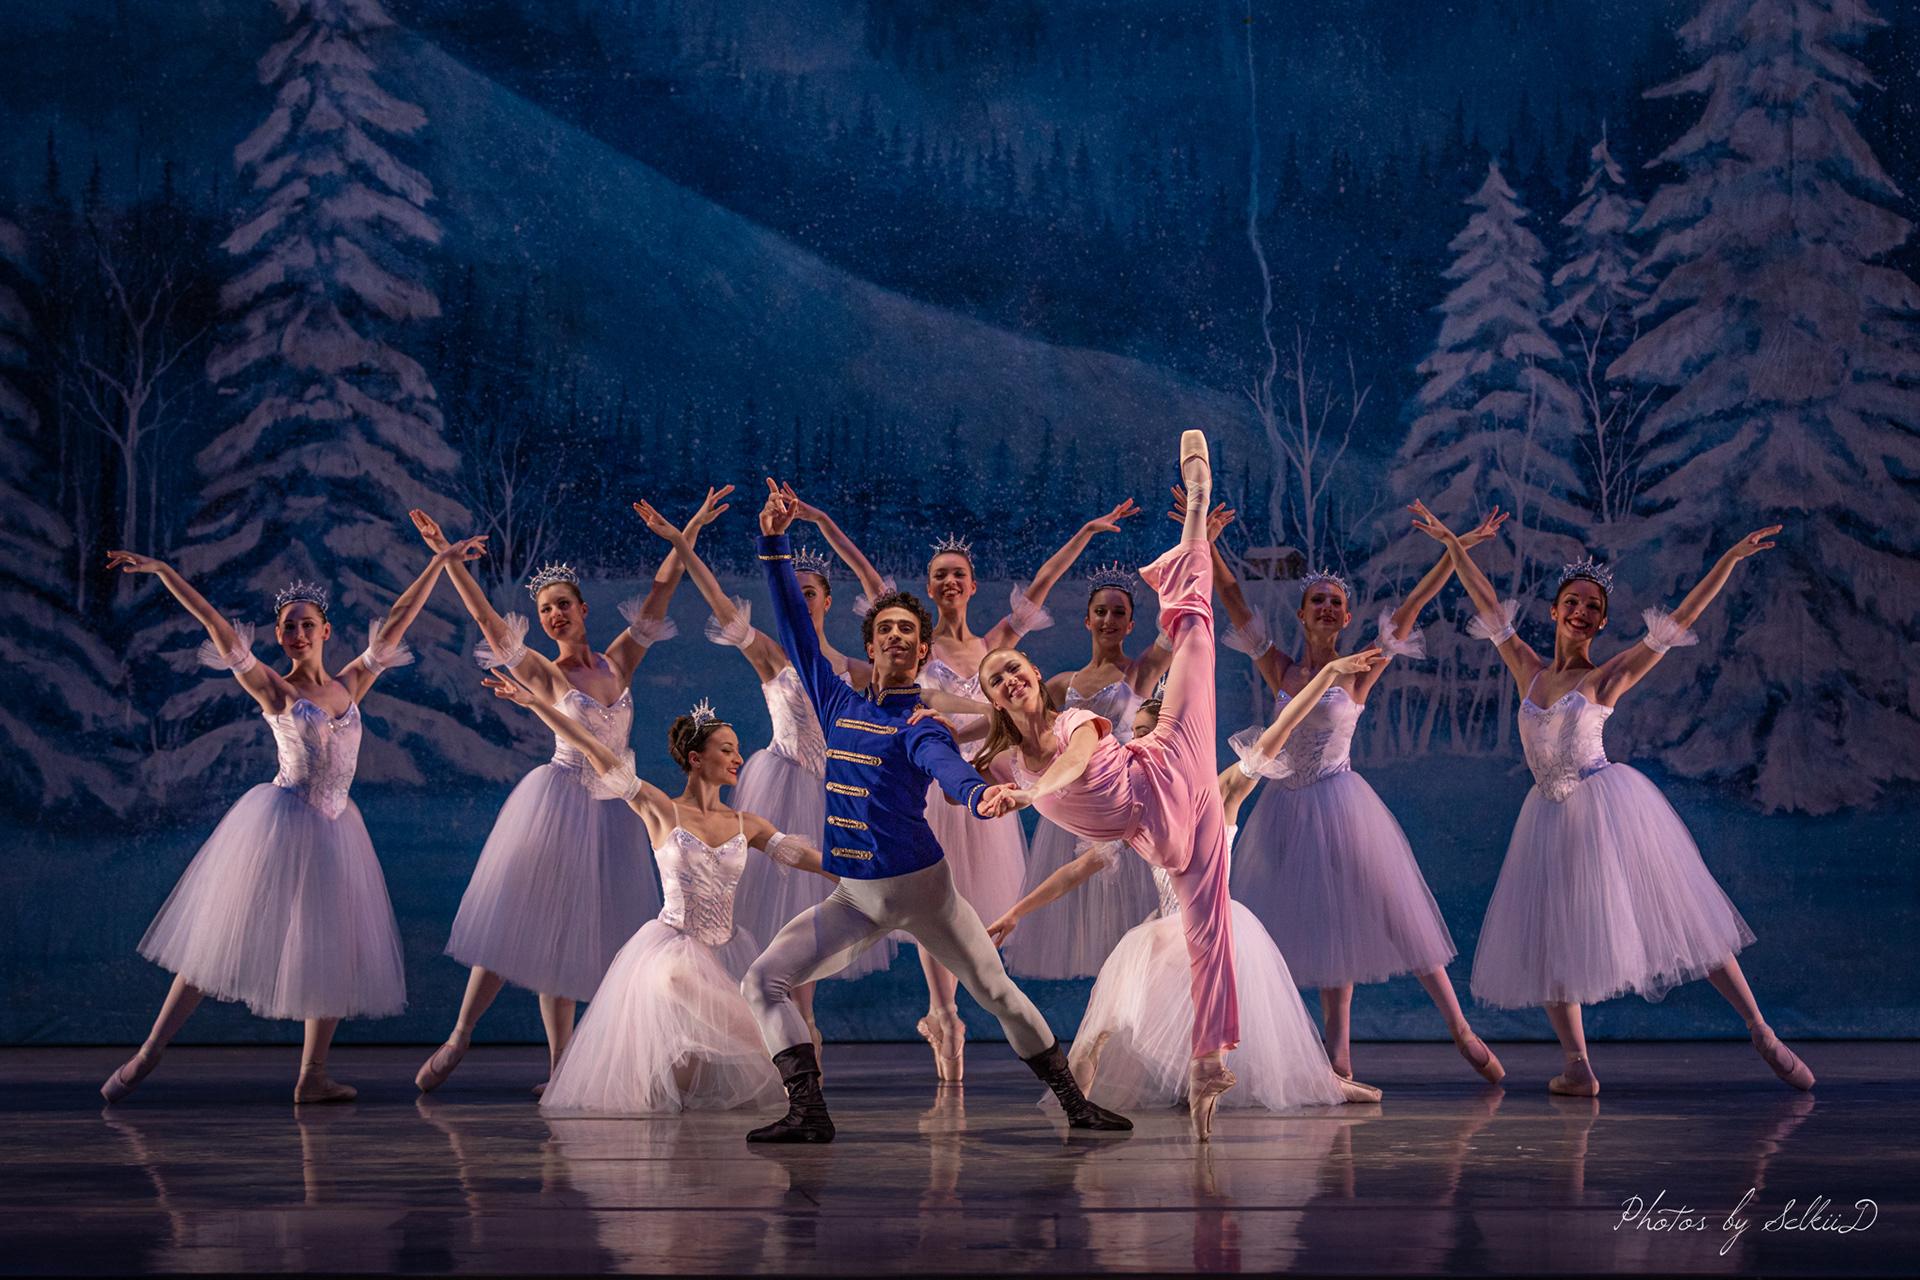 It S A Wonderful Nutcracker 2019 Full Length Production Menlowe Ballet